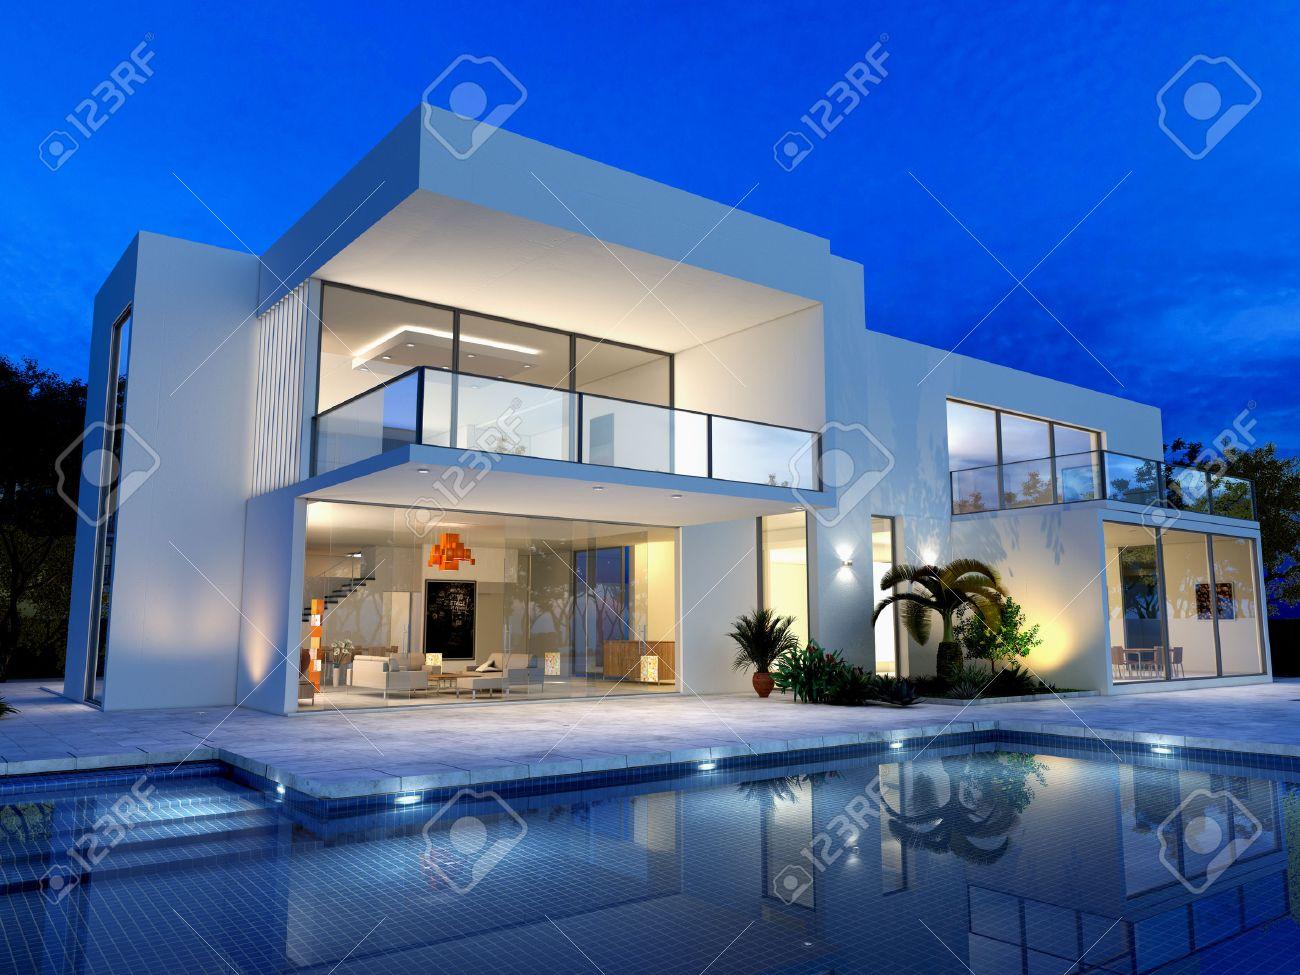 Emejing Maison Moderne De Luxe Avec Piscine Images - Amazing House ...